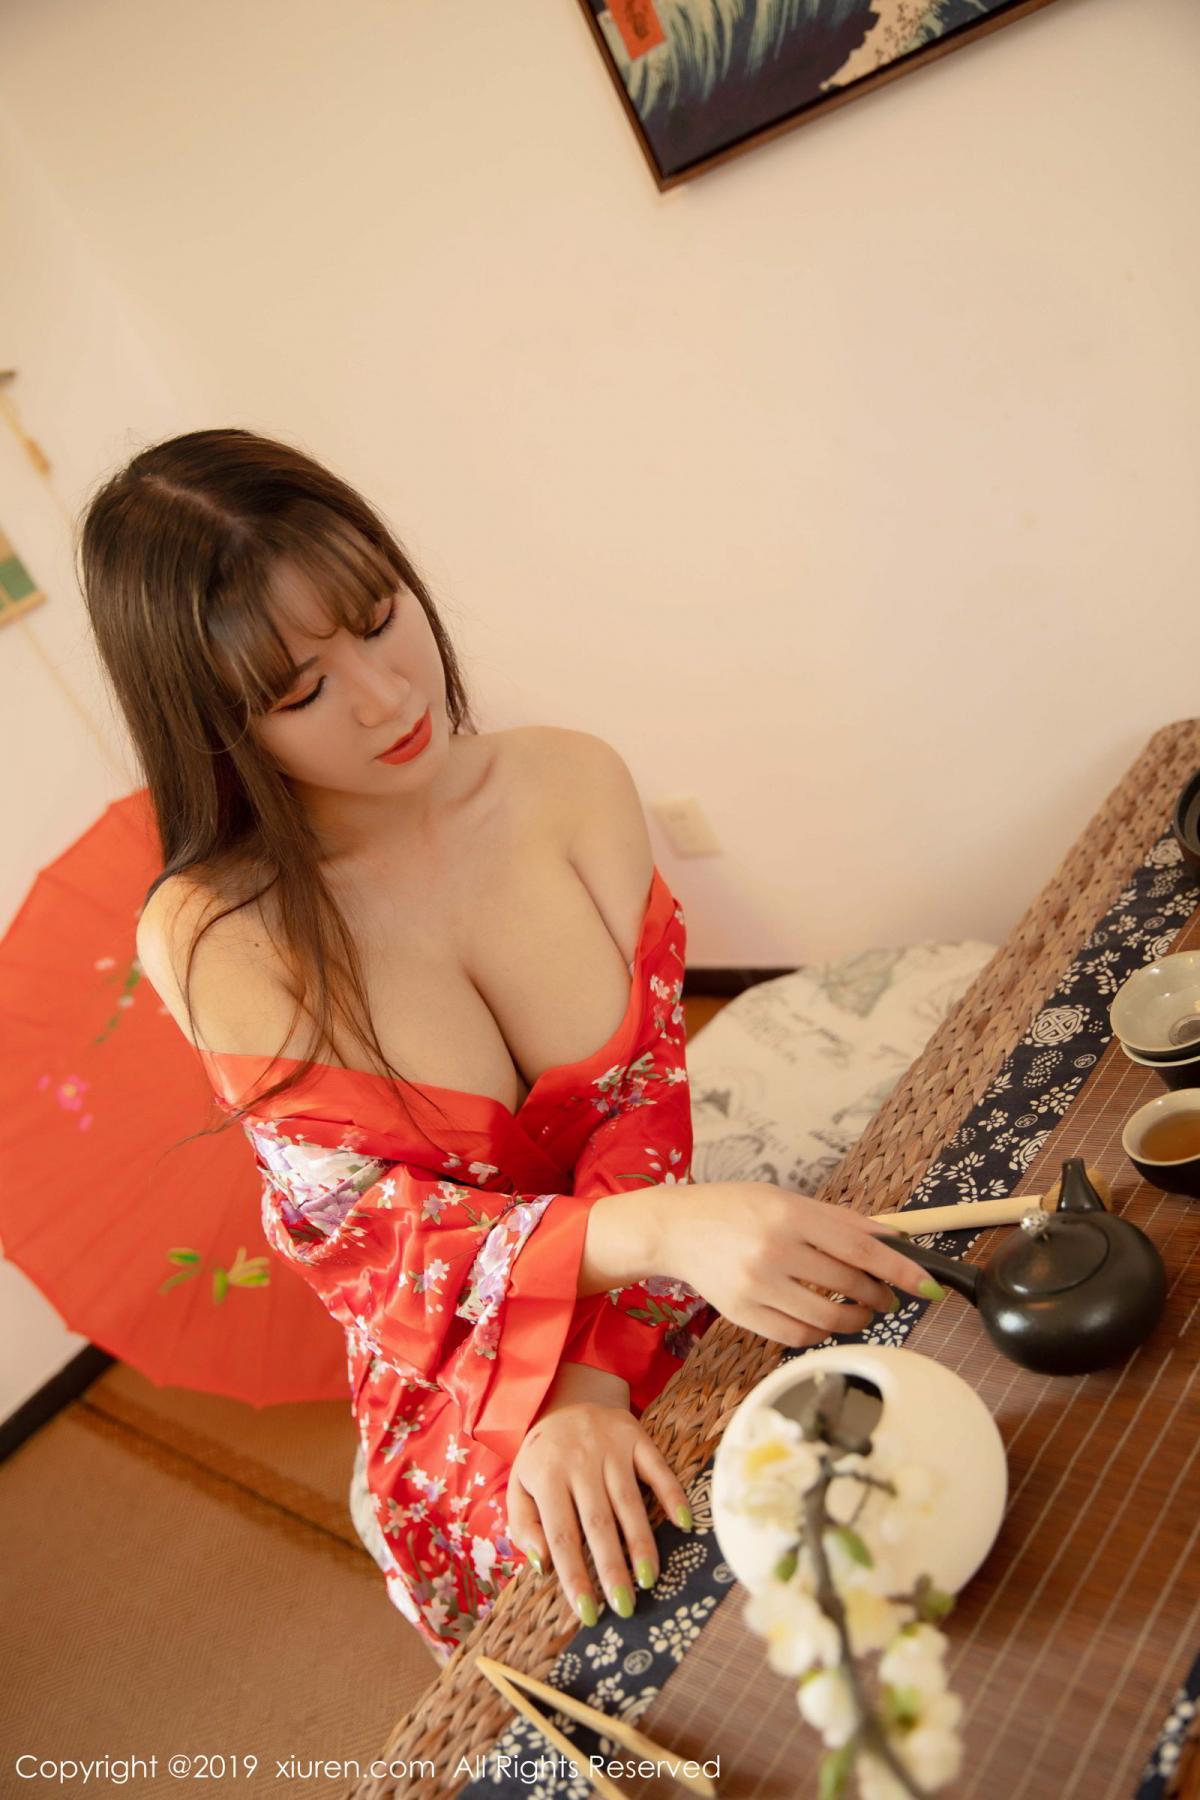 [XiuRen] Vol.1647 Wang Zi Lin 15P, Adult, Kimono, Mature, Wang Zi Lin, Xiuren